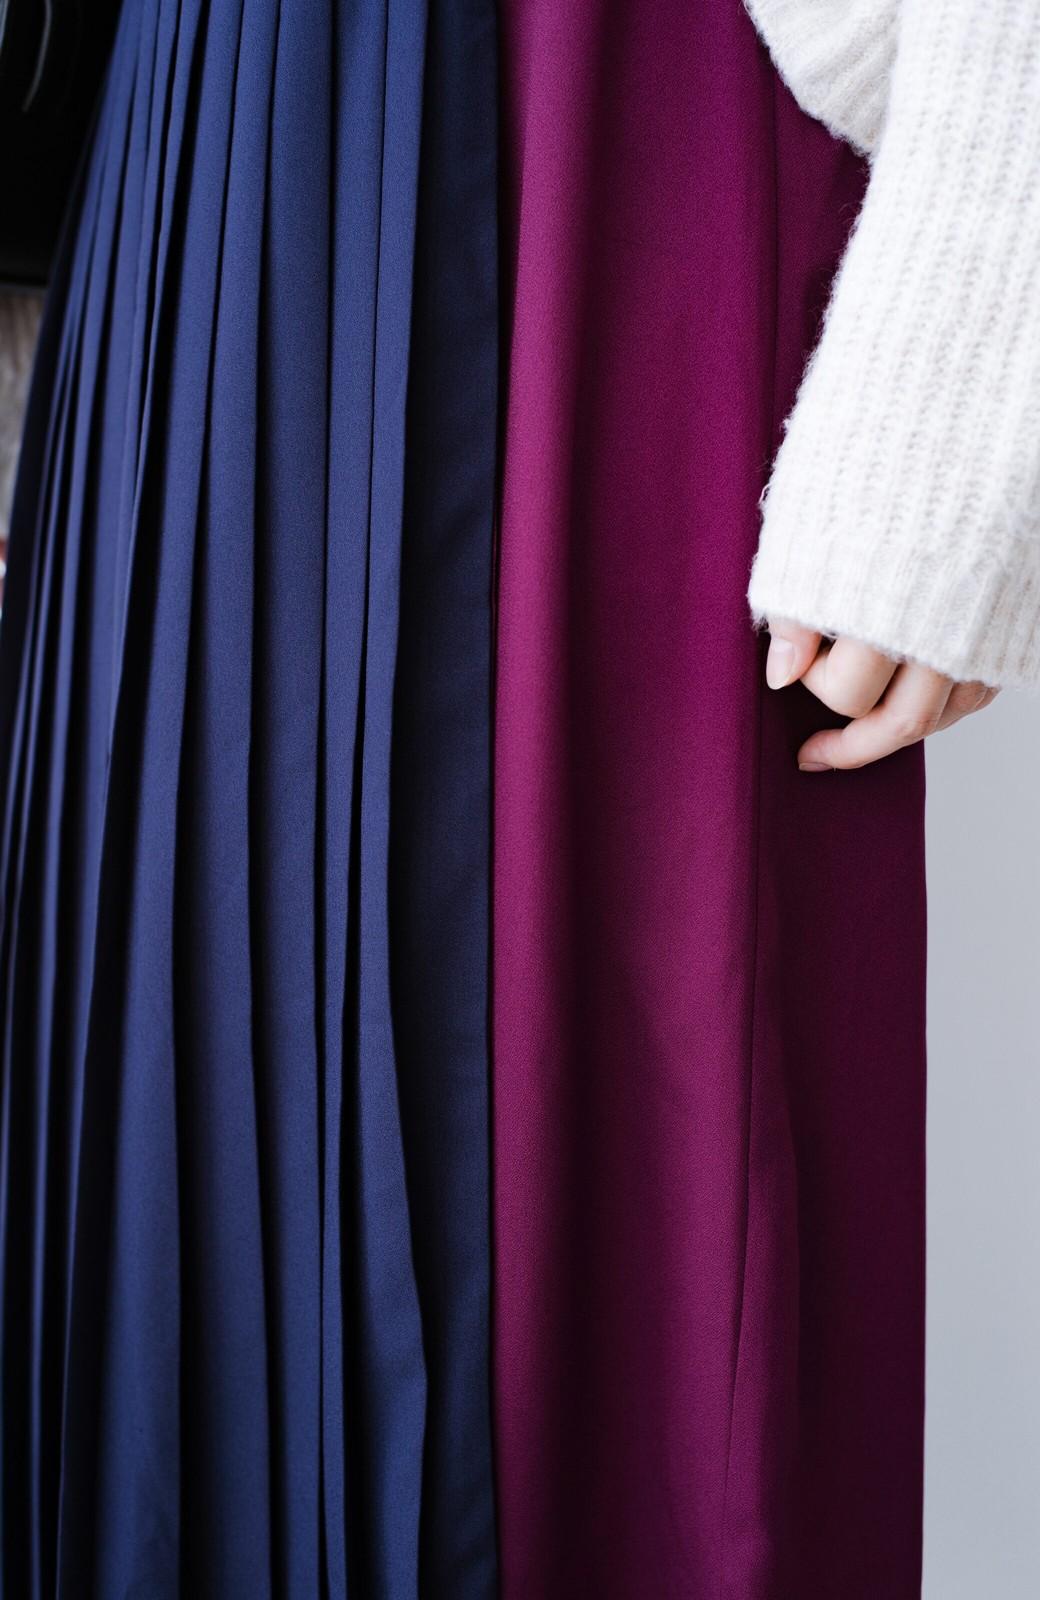 haco! 【背が小さい党】丈もウエストもぴったりサイズ!背が小さくたってすらーっと見えるプリーツスカート <ネイビー>の商品写真16